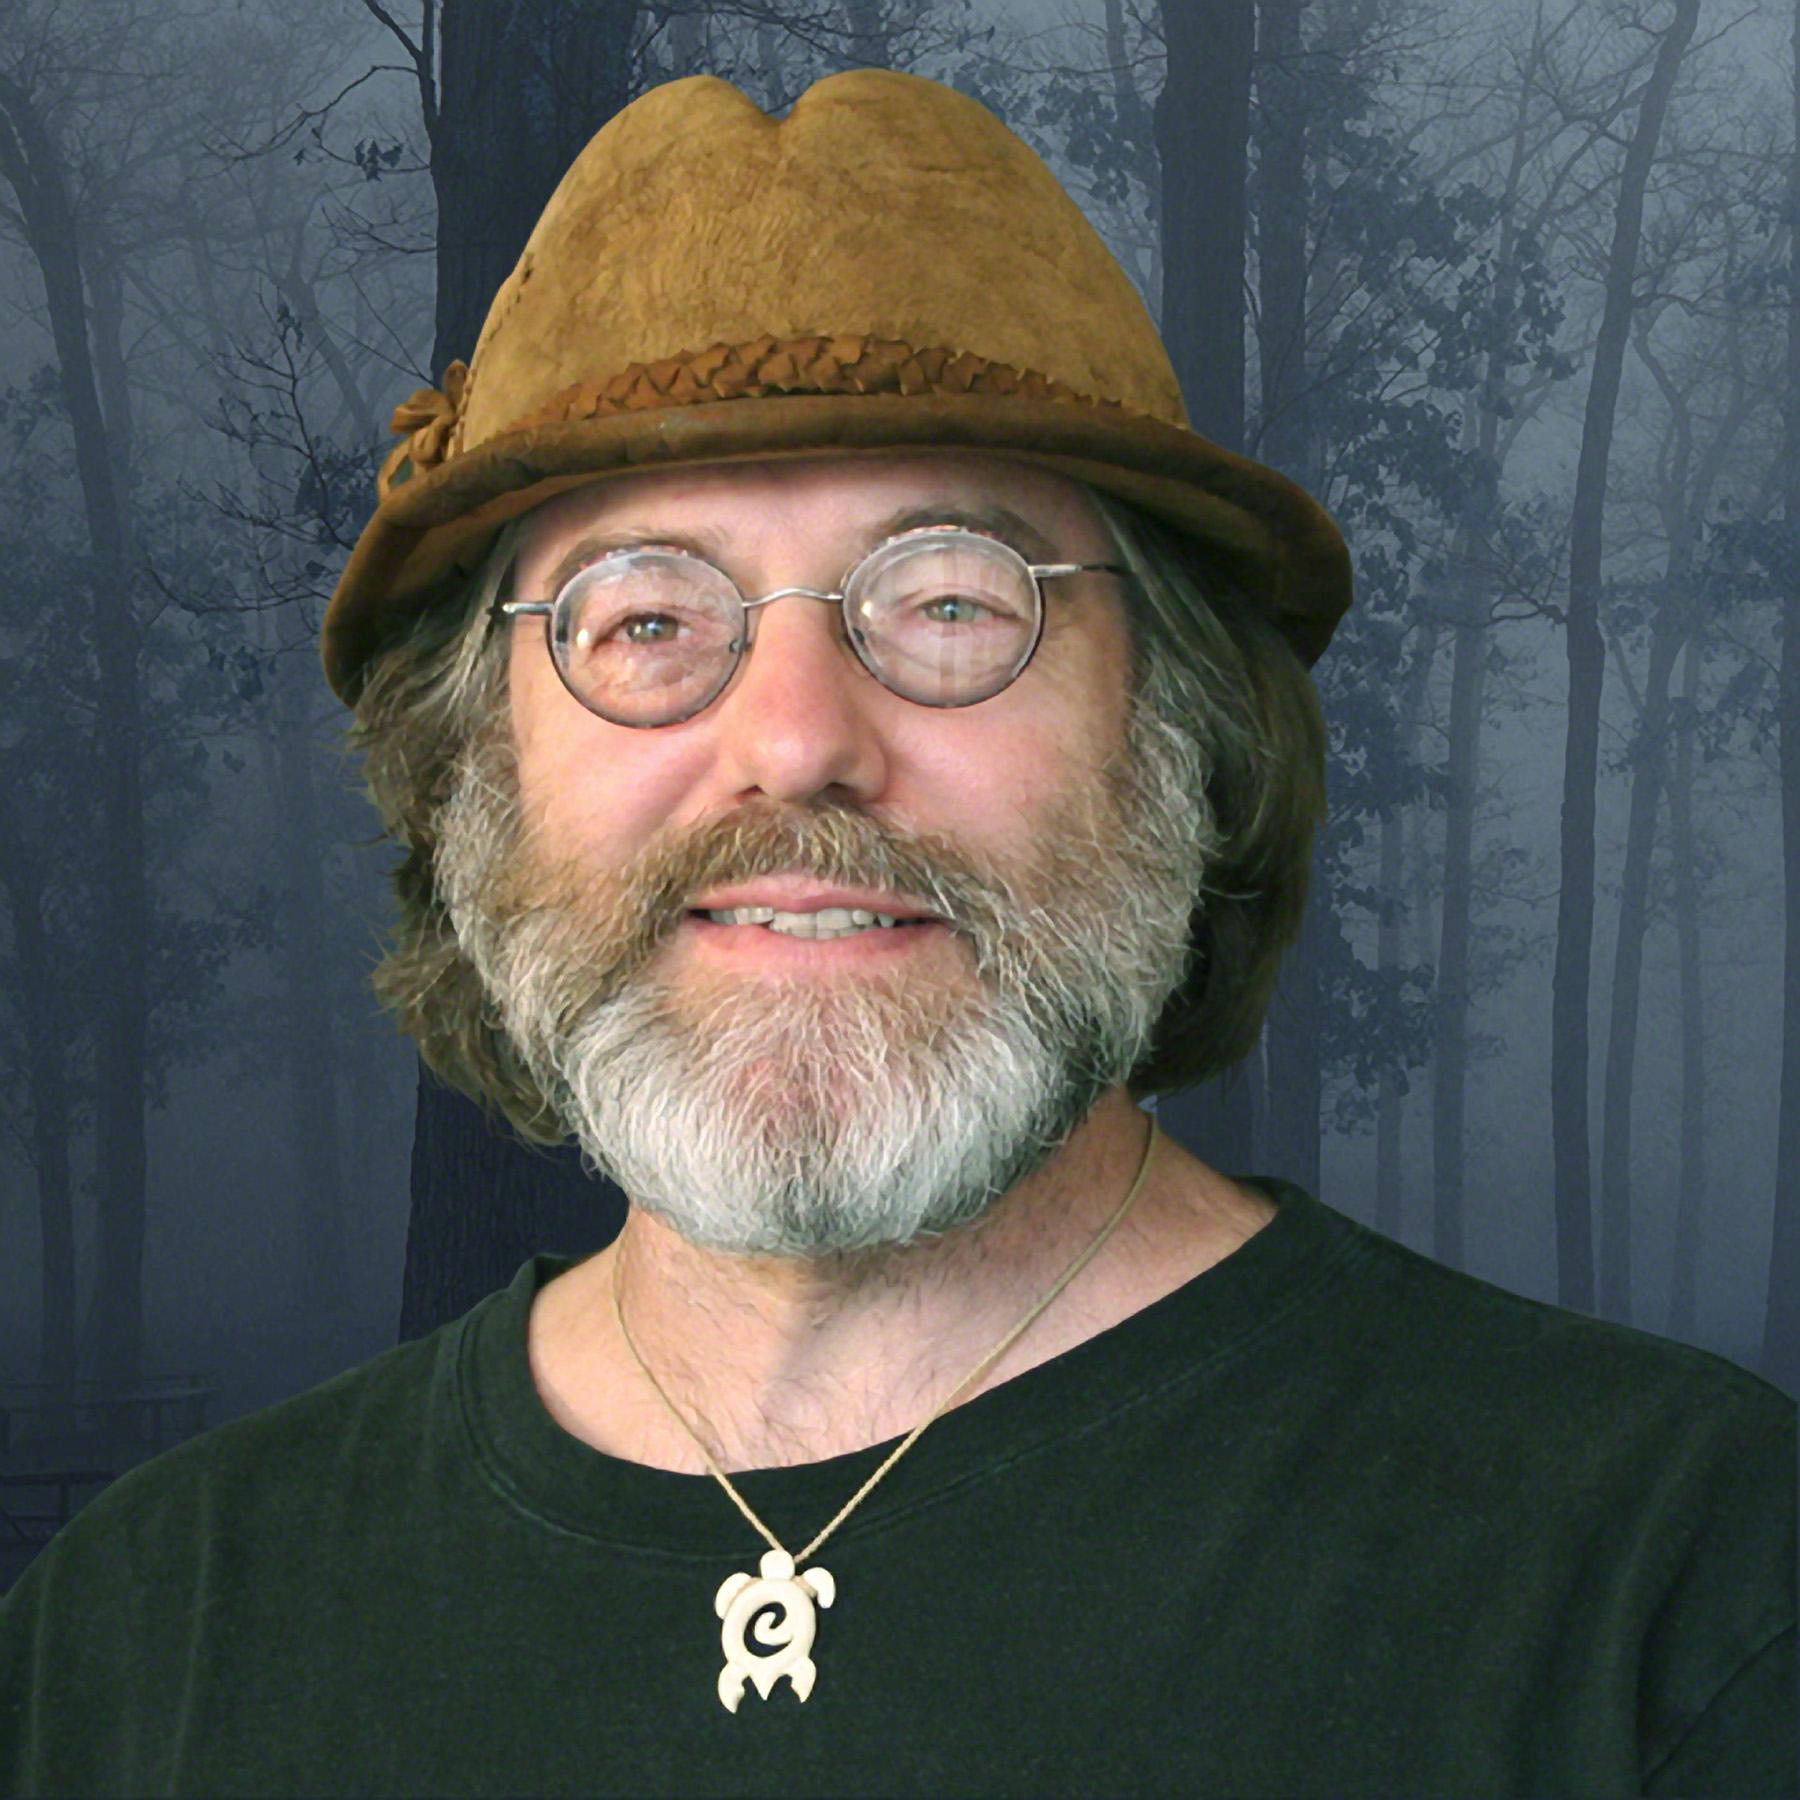 2011-11-02-Paul9.jpg